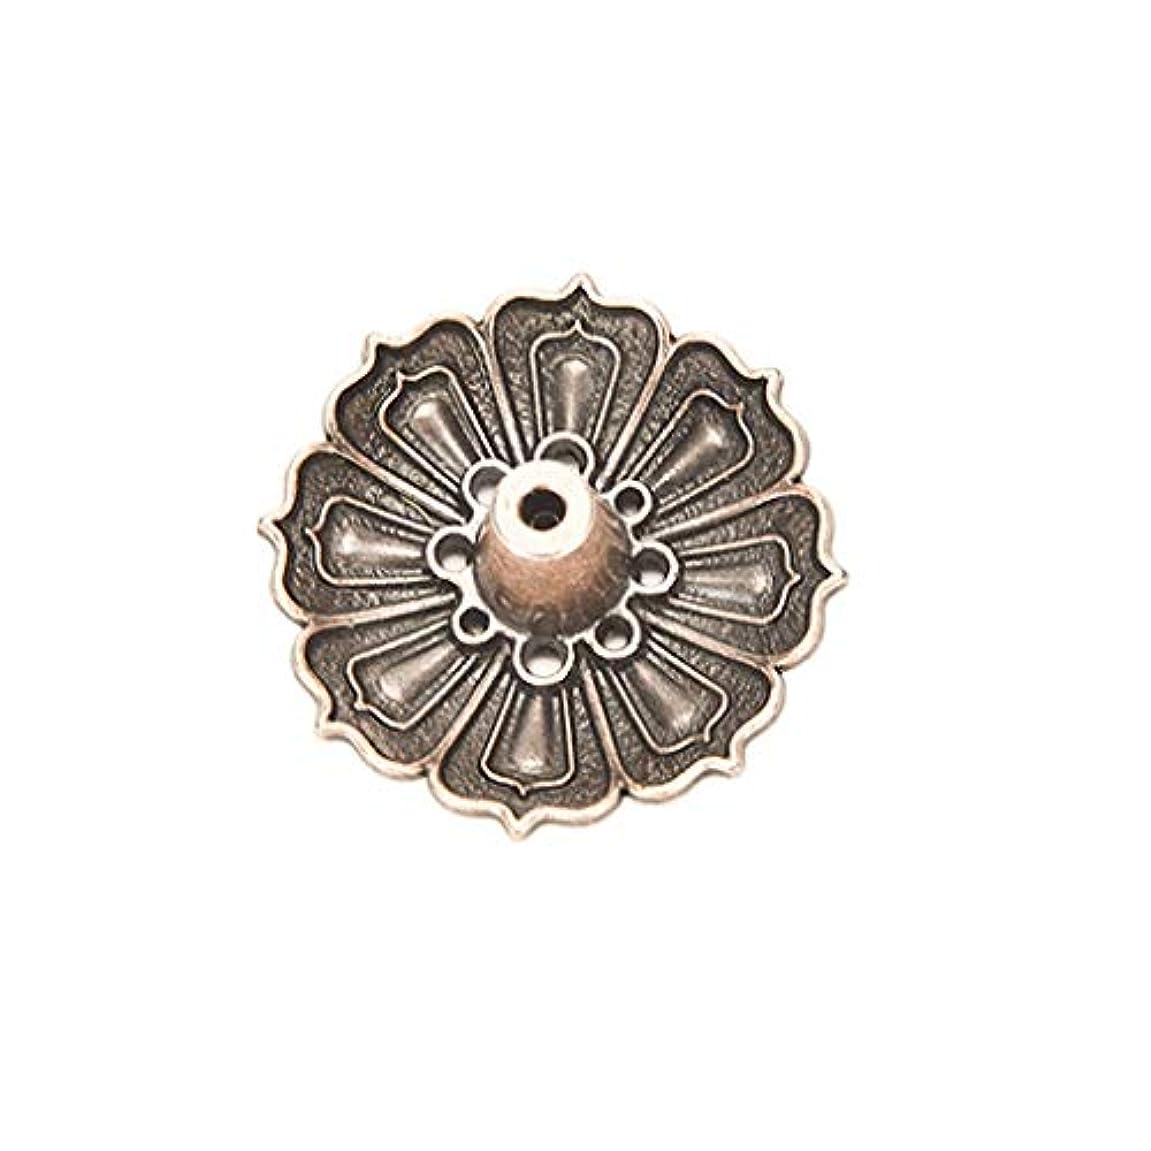 ペデスタルブランチレインコート合金9穴蓮香バーナー花型香りプレート灰キャッチャー香スティックコーンバーナーホルダーホームフレグランス香ホルダー (Color : Brass, サイズ : 1.37*0.66 inches)